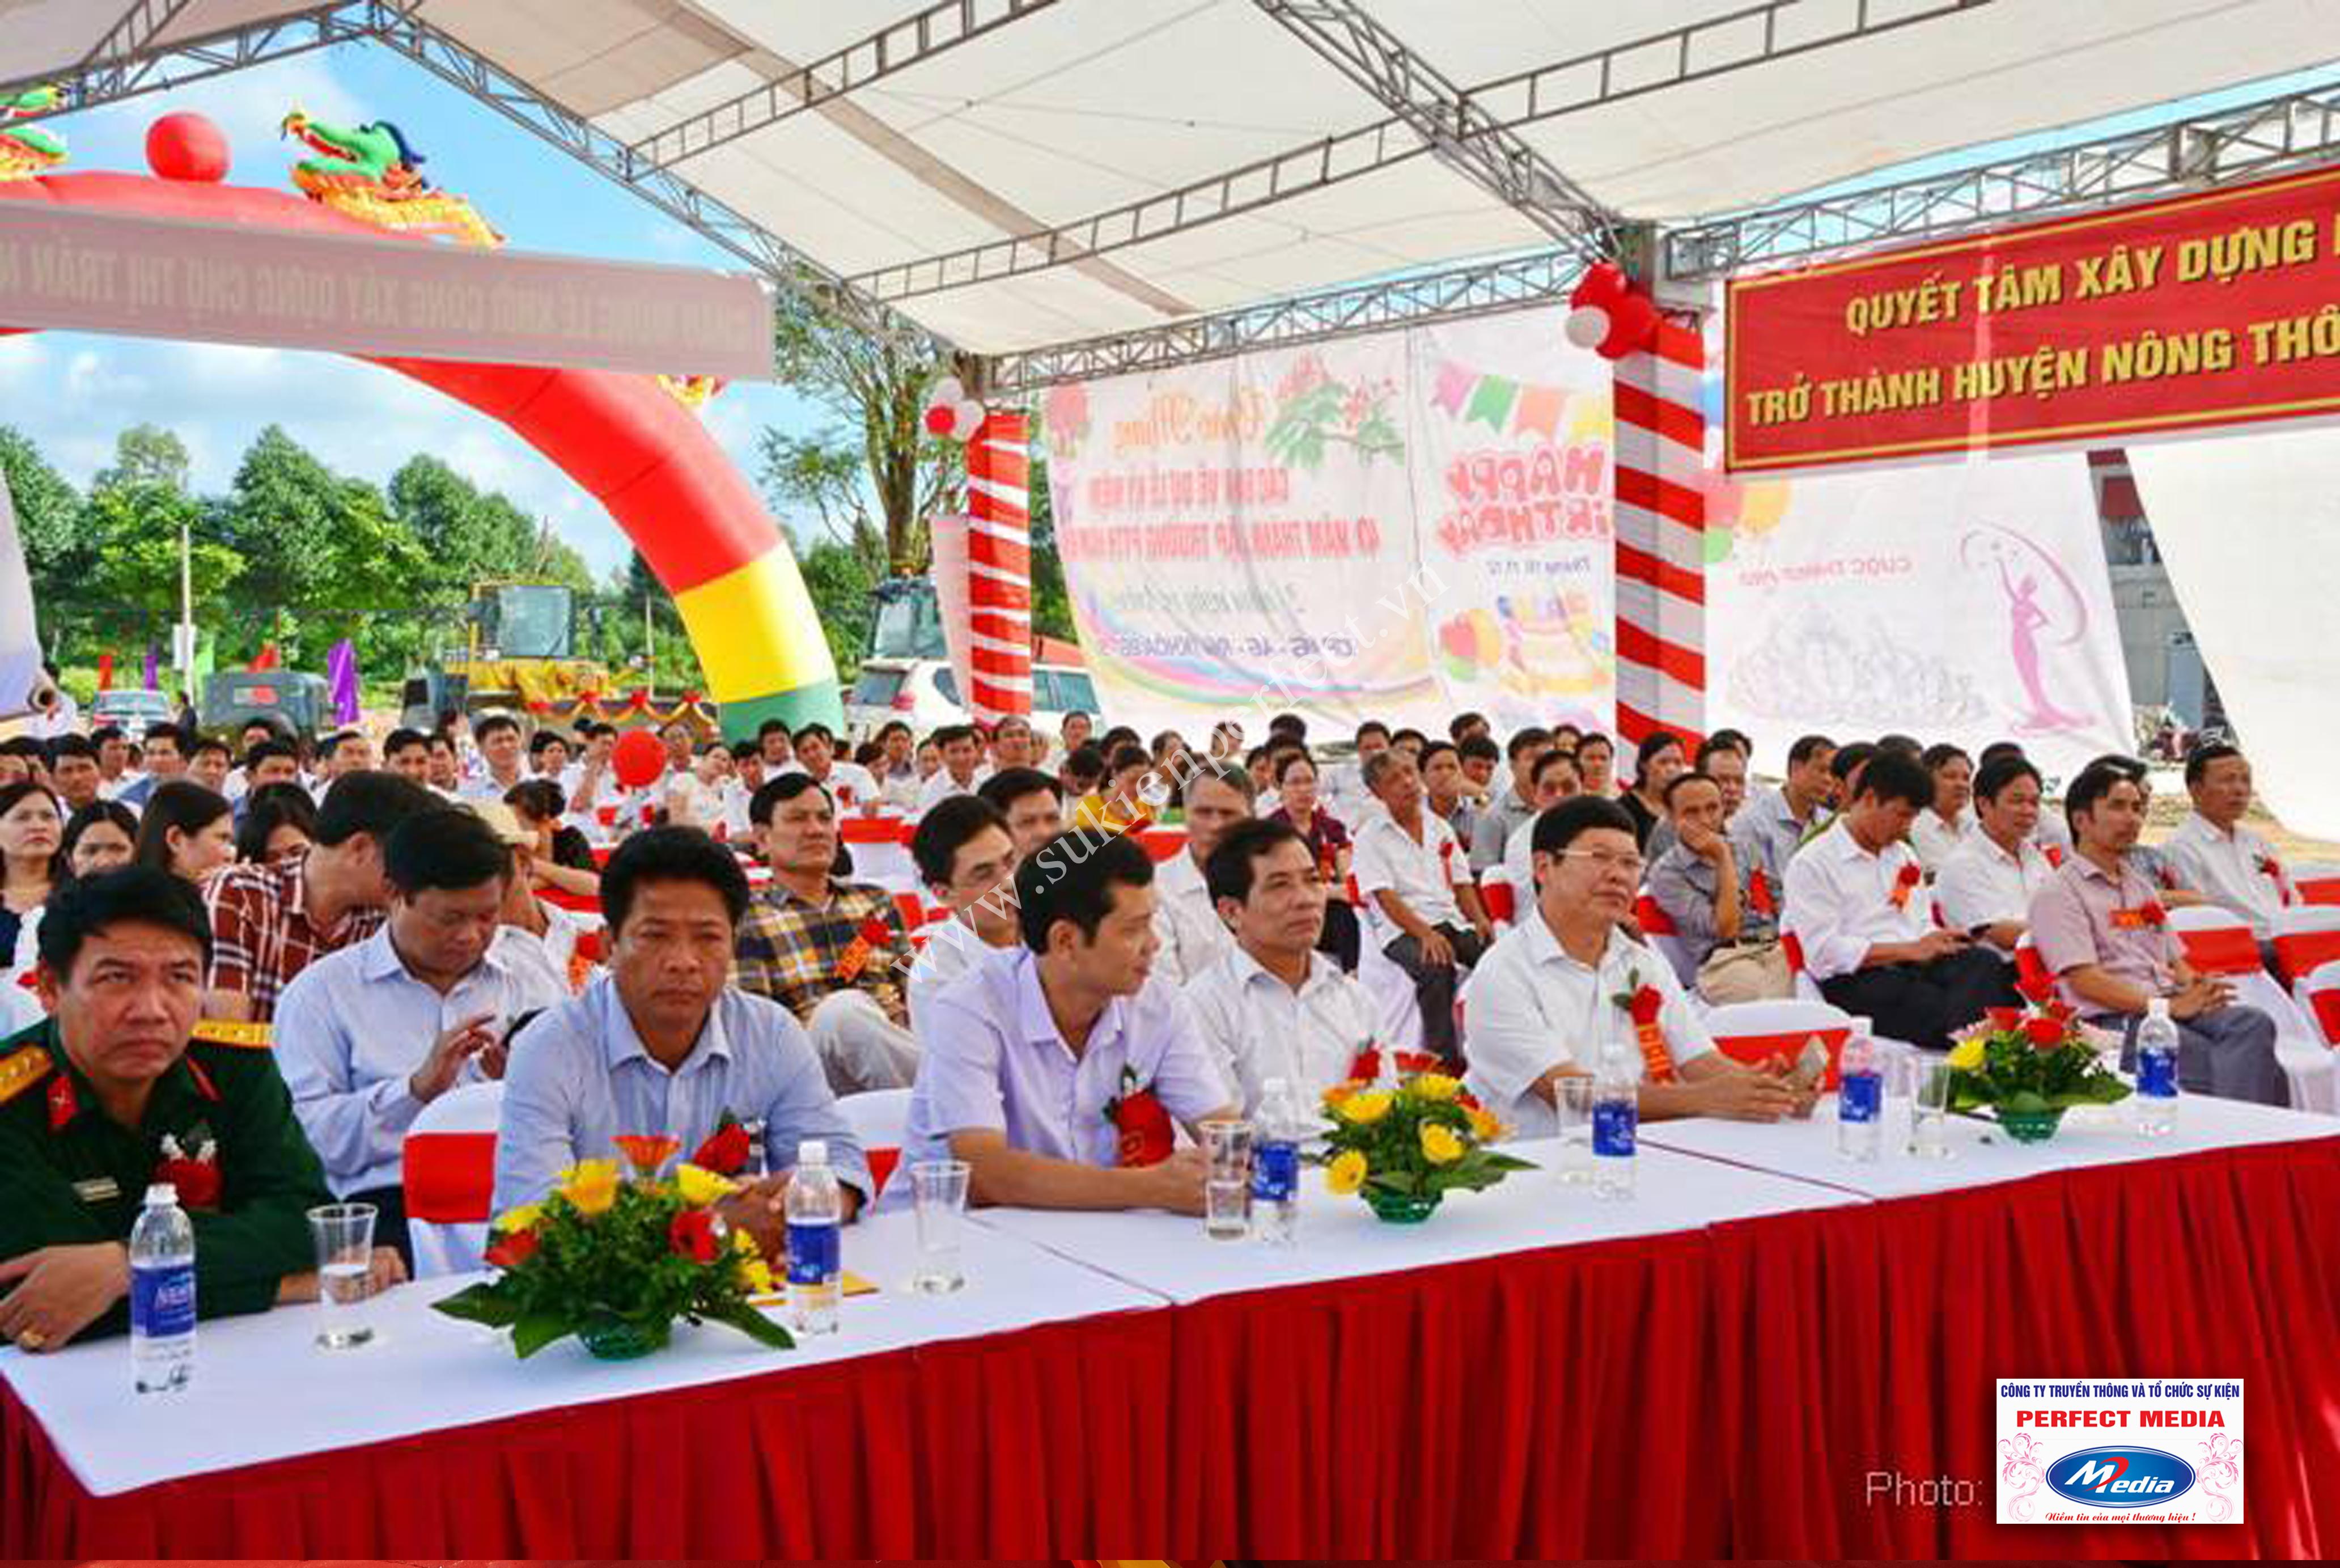 Hình ảnh hội trường lễ khởi công xây dựng chợ thị trấn huyện Nga Sơn 12